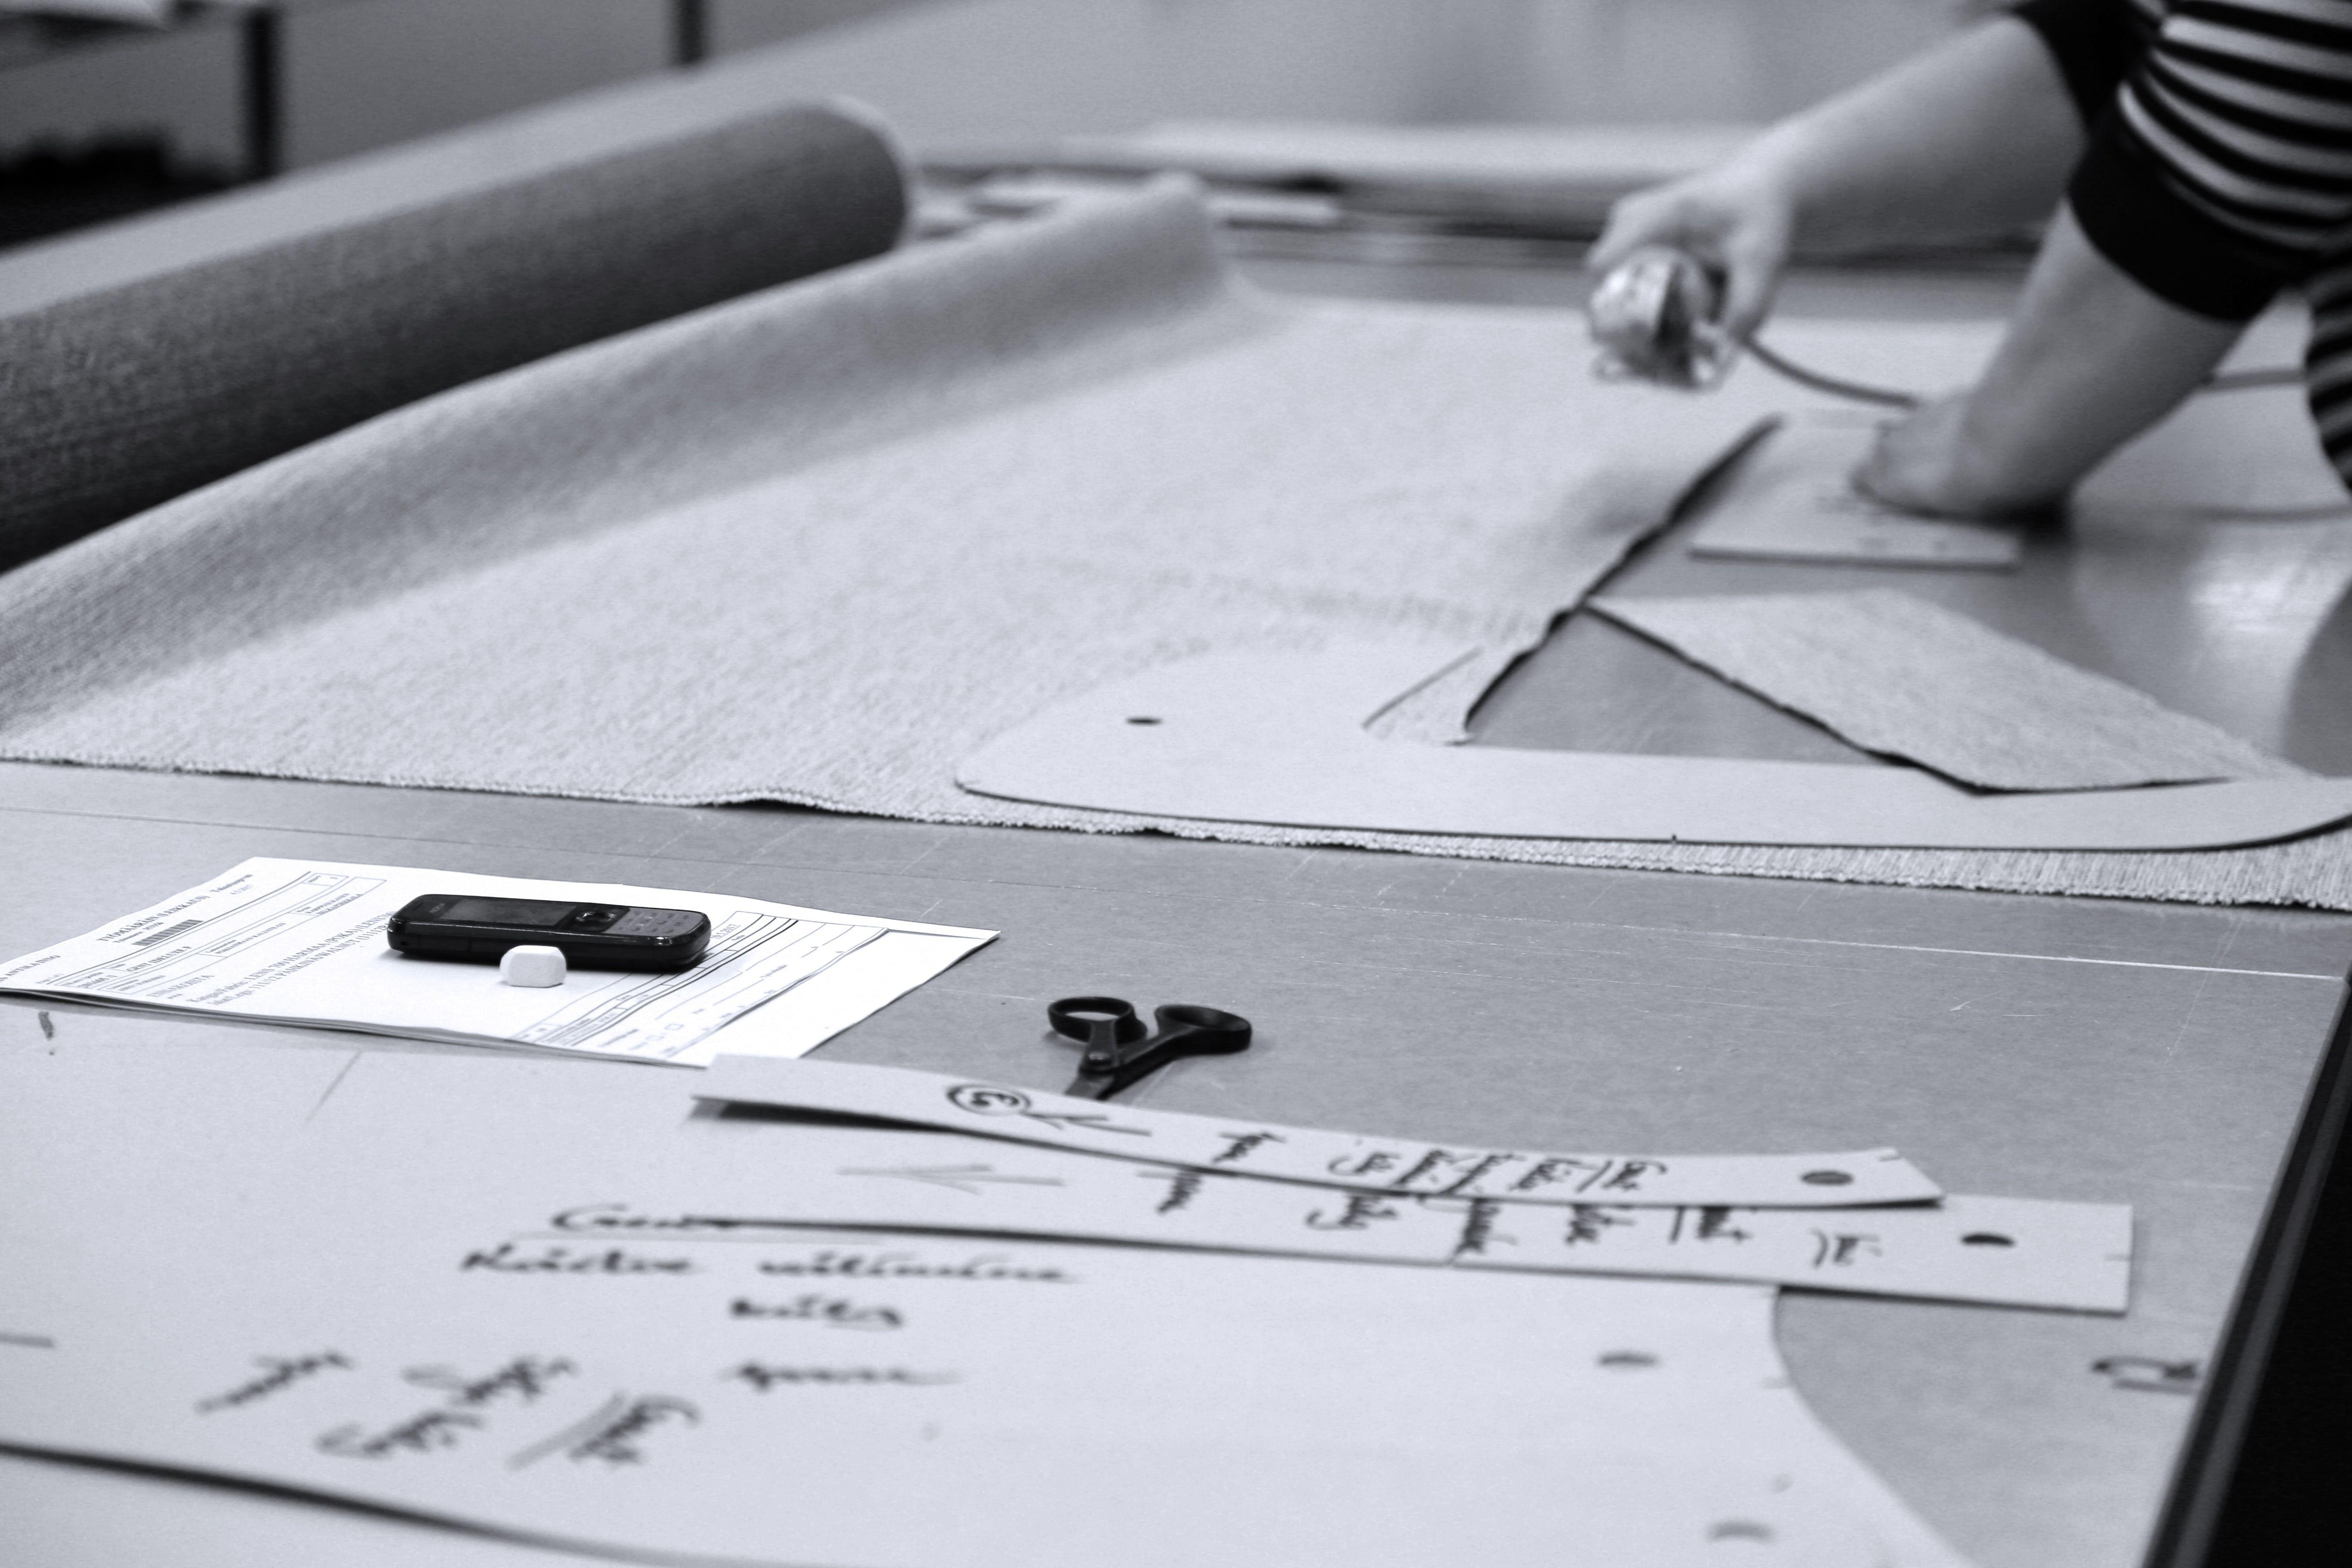 Työvaihe: Kankaiden käsinleikkaus ✂ | Craft: Fabric cutting by hand ✂ Tuotantolinja: Sohvat | Production line: Sofas  #pohjanmaan #pohjanmaankaluste #käsintehty #craftsman #craftsmanship #handmadefurniture #furnituremaker #furnituredecor